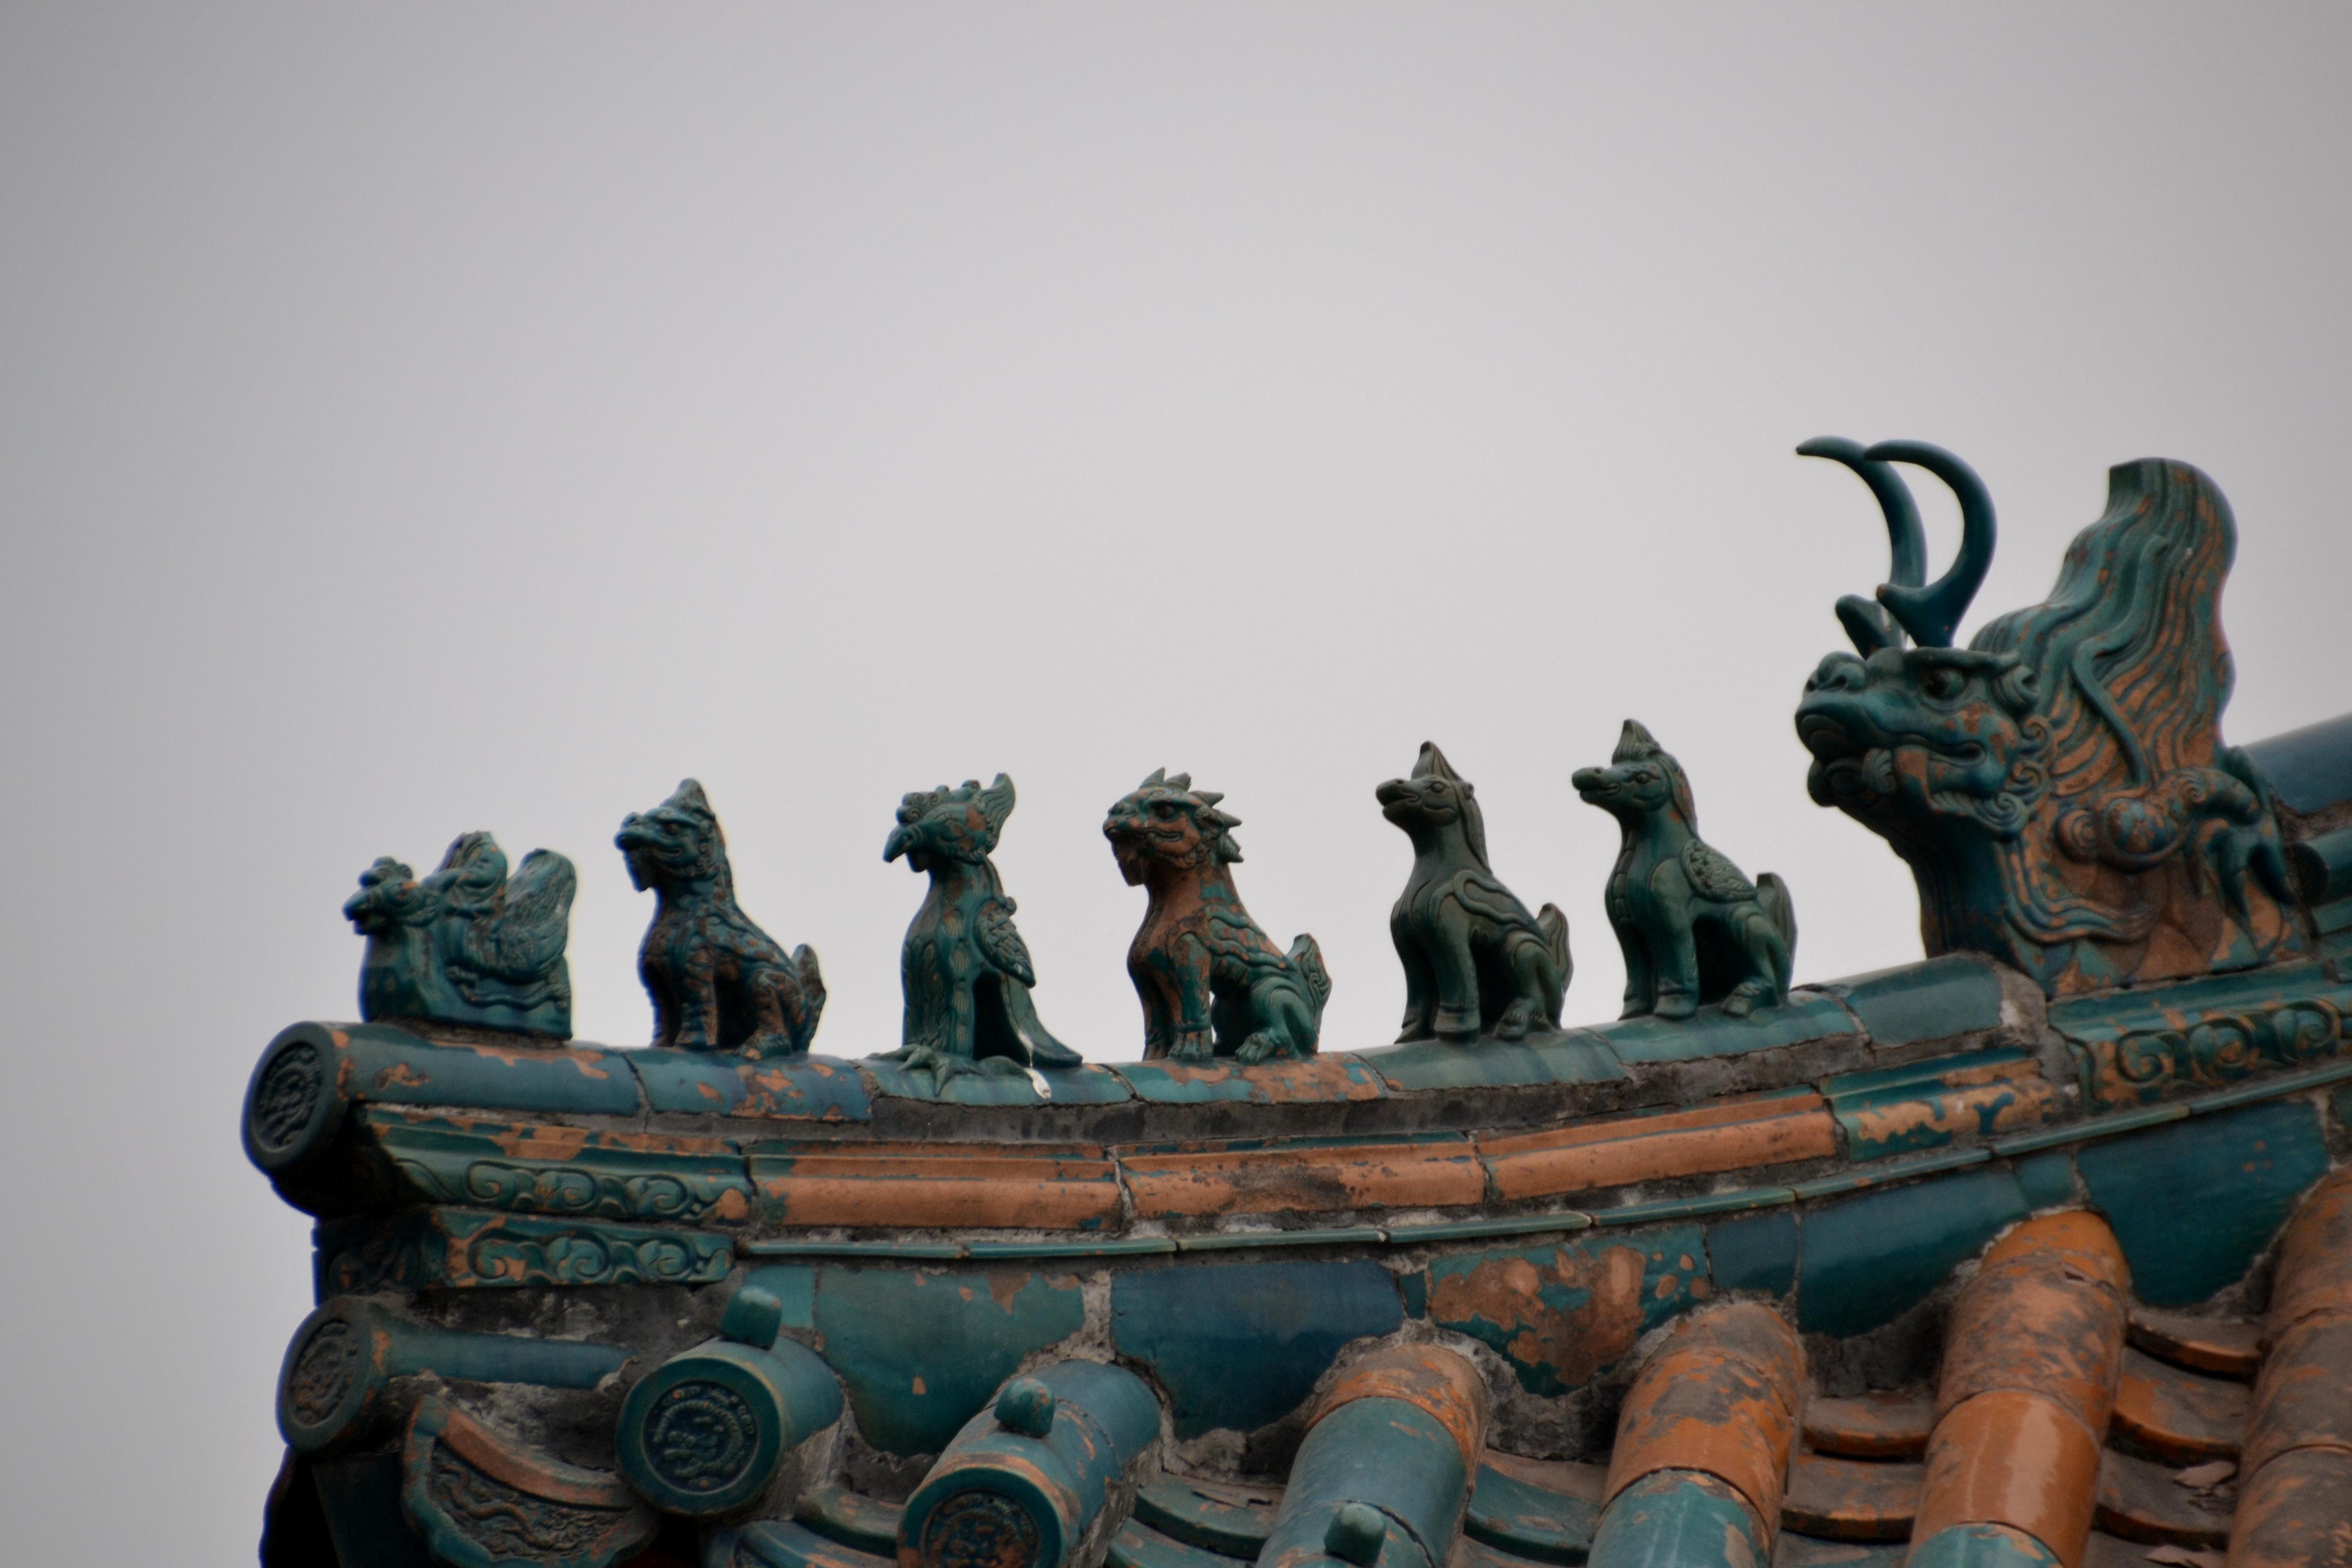 Roof sculptures